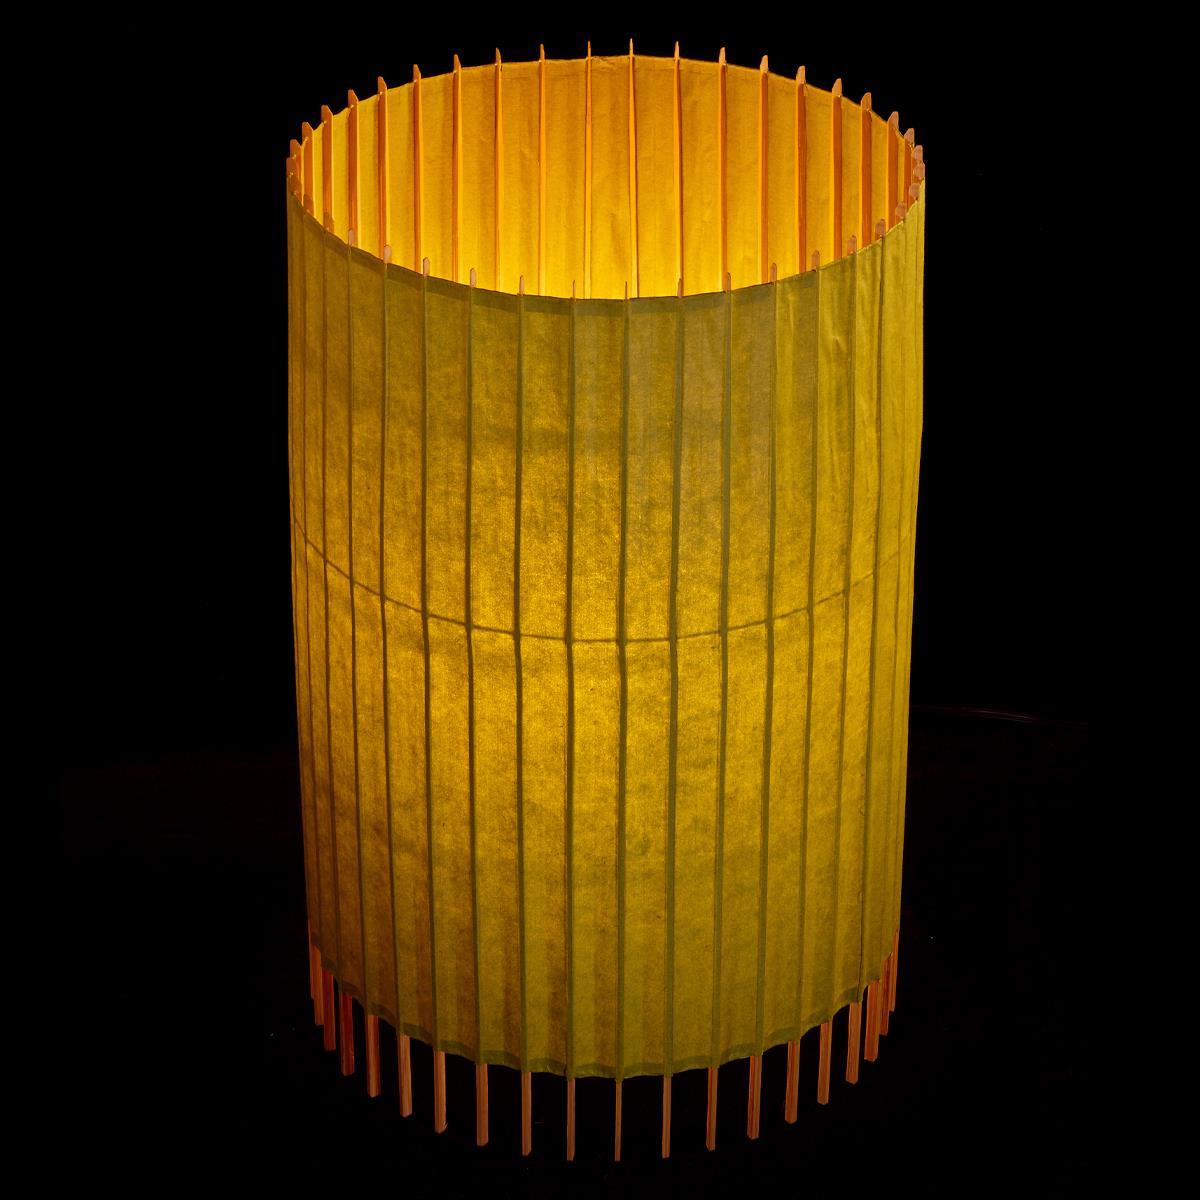 京和傘の構造美を活かした画期的で美しい照明 メーカー直売 激安通販 ふるさと納税 〈日吉屋〉自立式スタンド照明 萌黄色 和紙の色